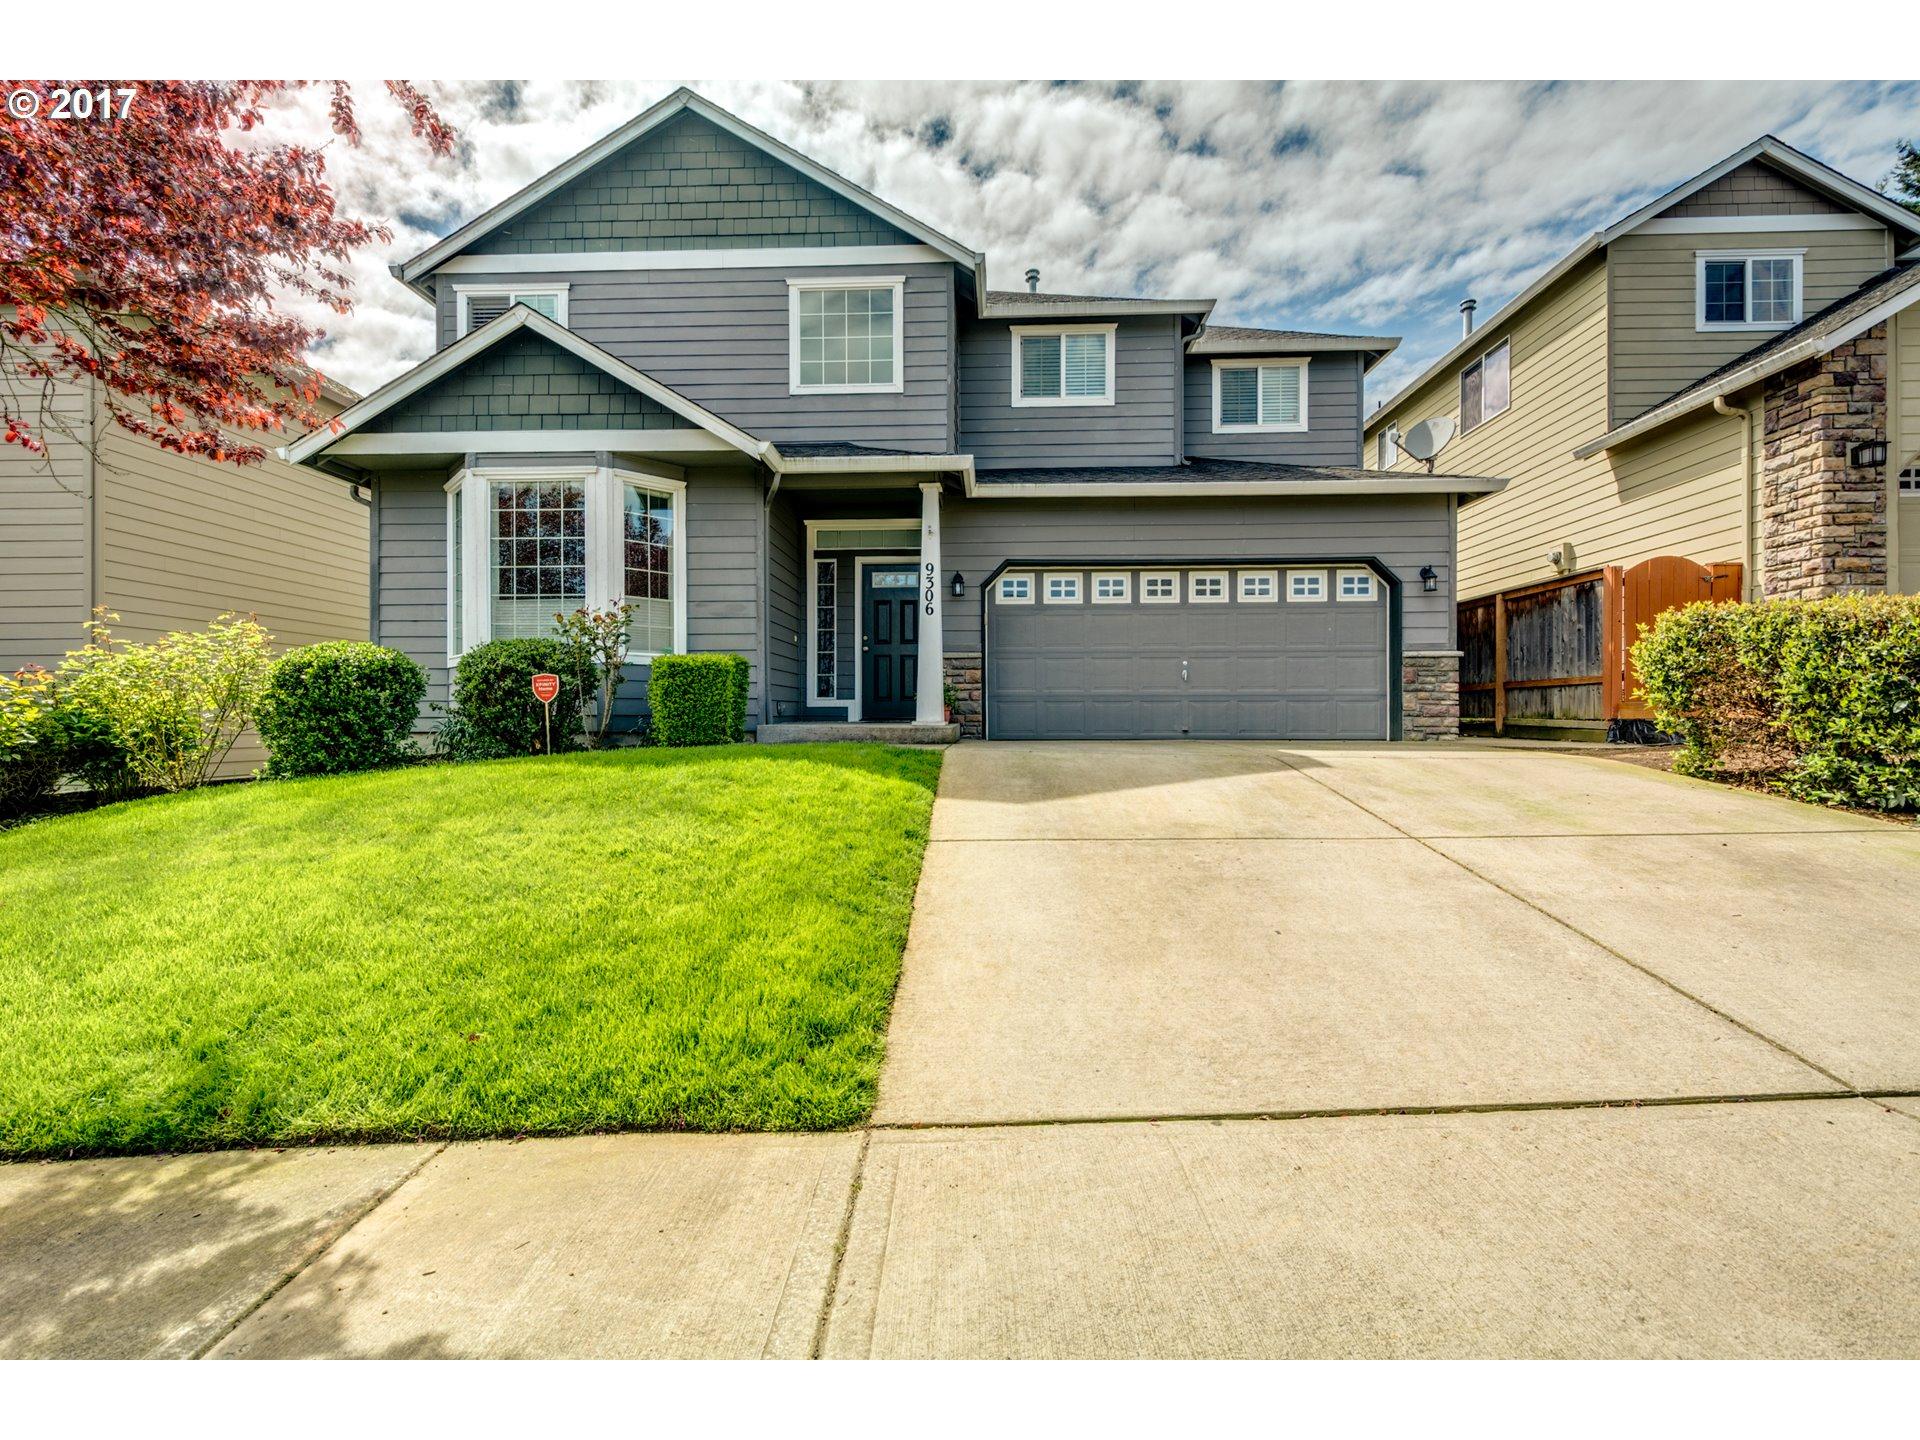 9306 NE 37TH AVE, Vancouver, WA 98665